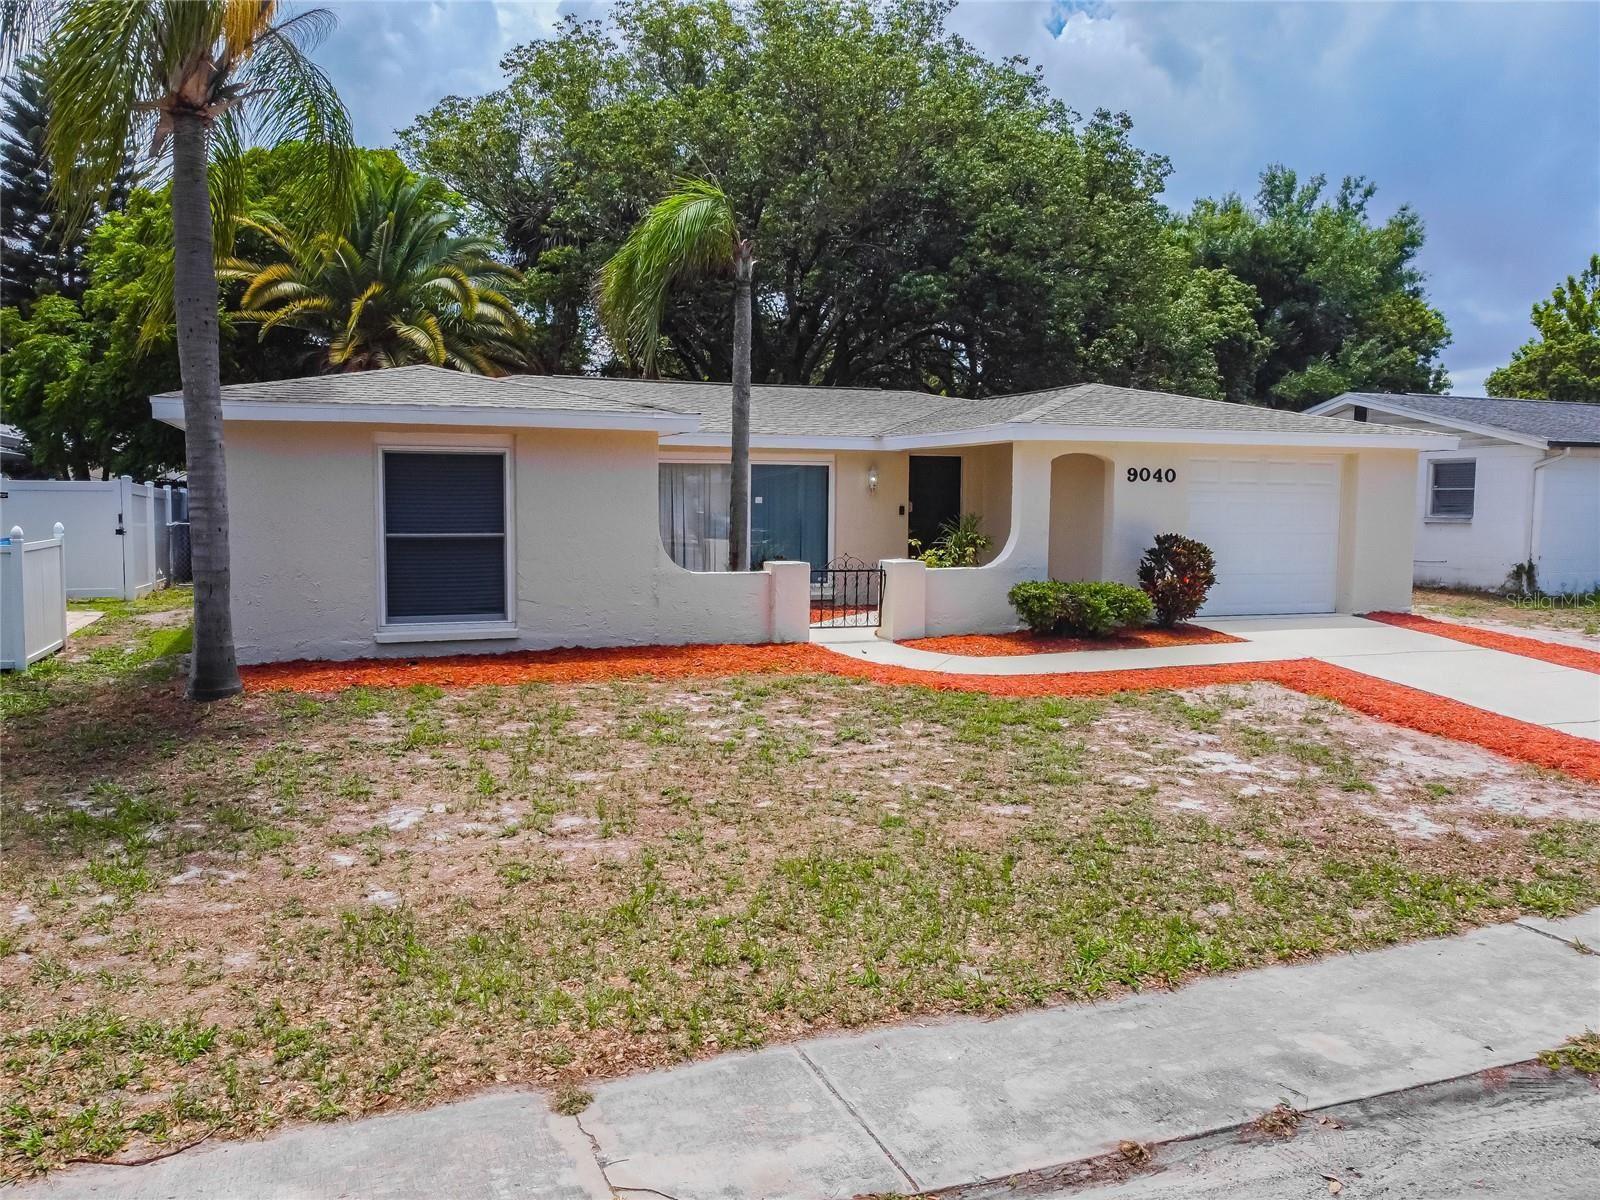 Photo of 9040 PROSPERITY LANE, PORT RICHEY, FL 34668 (MLS # T3314077)